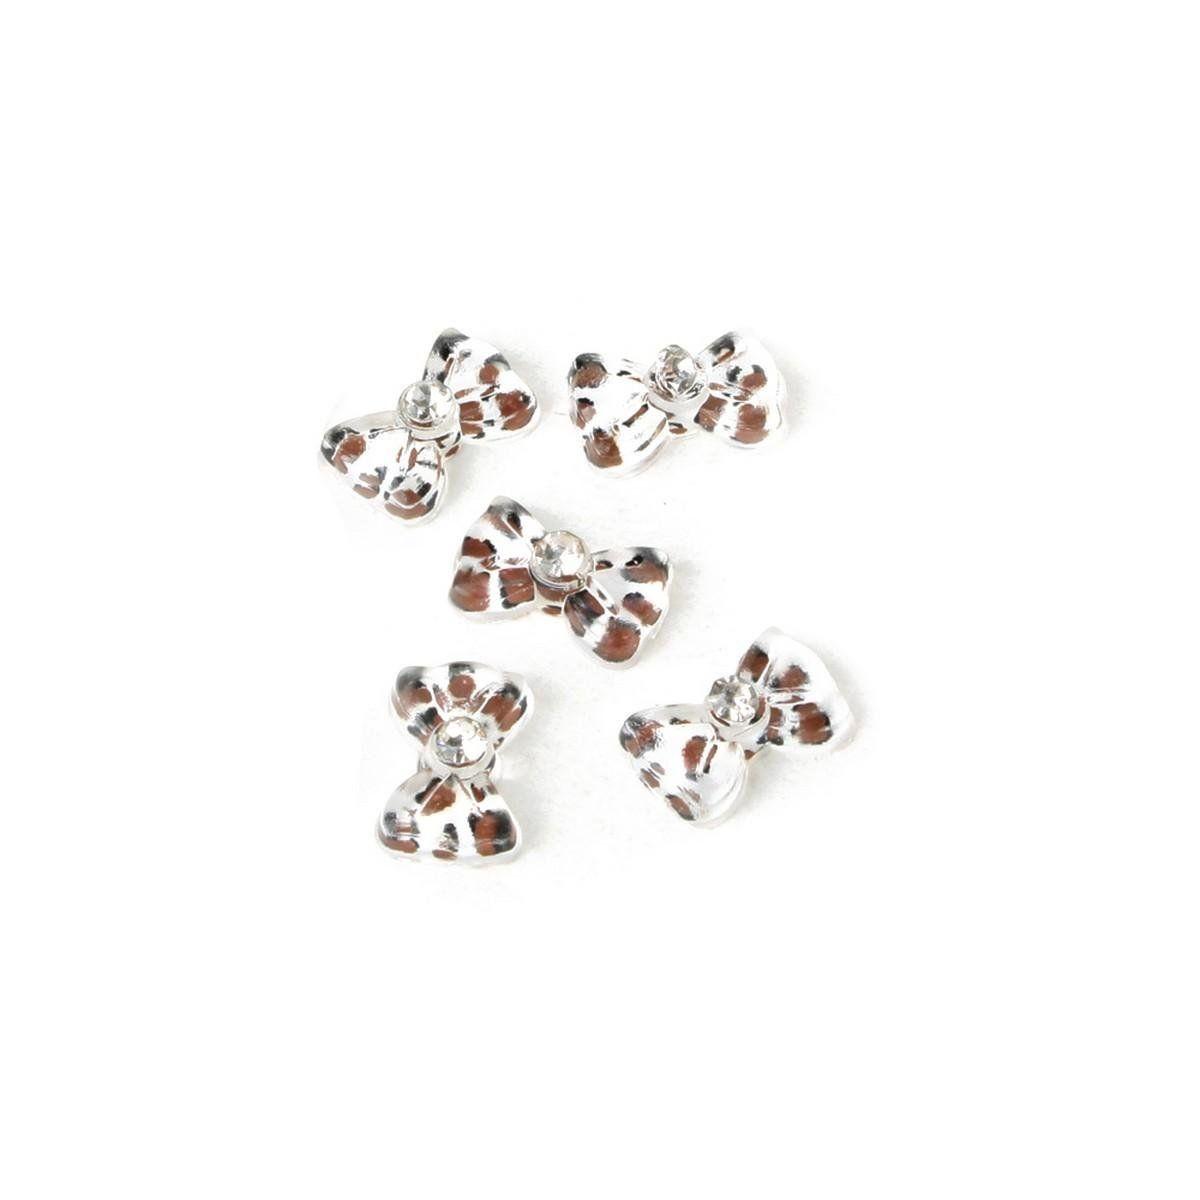 Rain Queen Acrylic Leopard Bows 3d Nail Art Cute Glitters Charms for ...